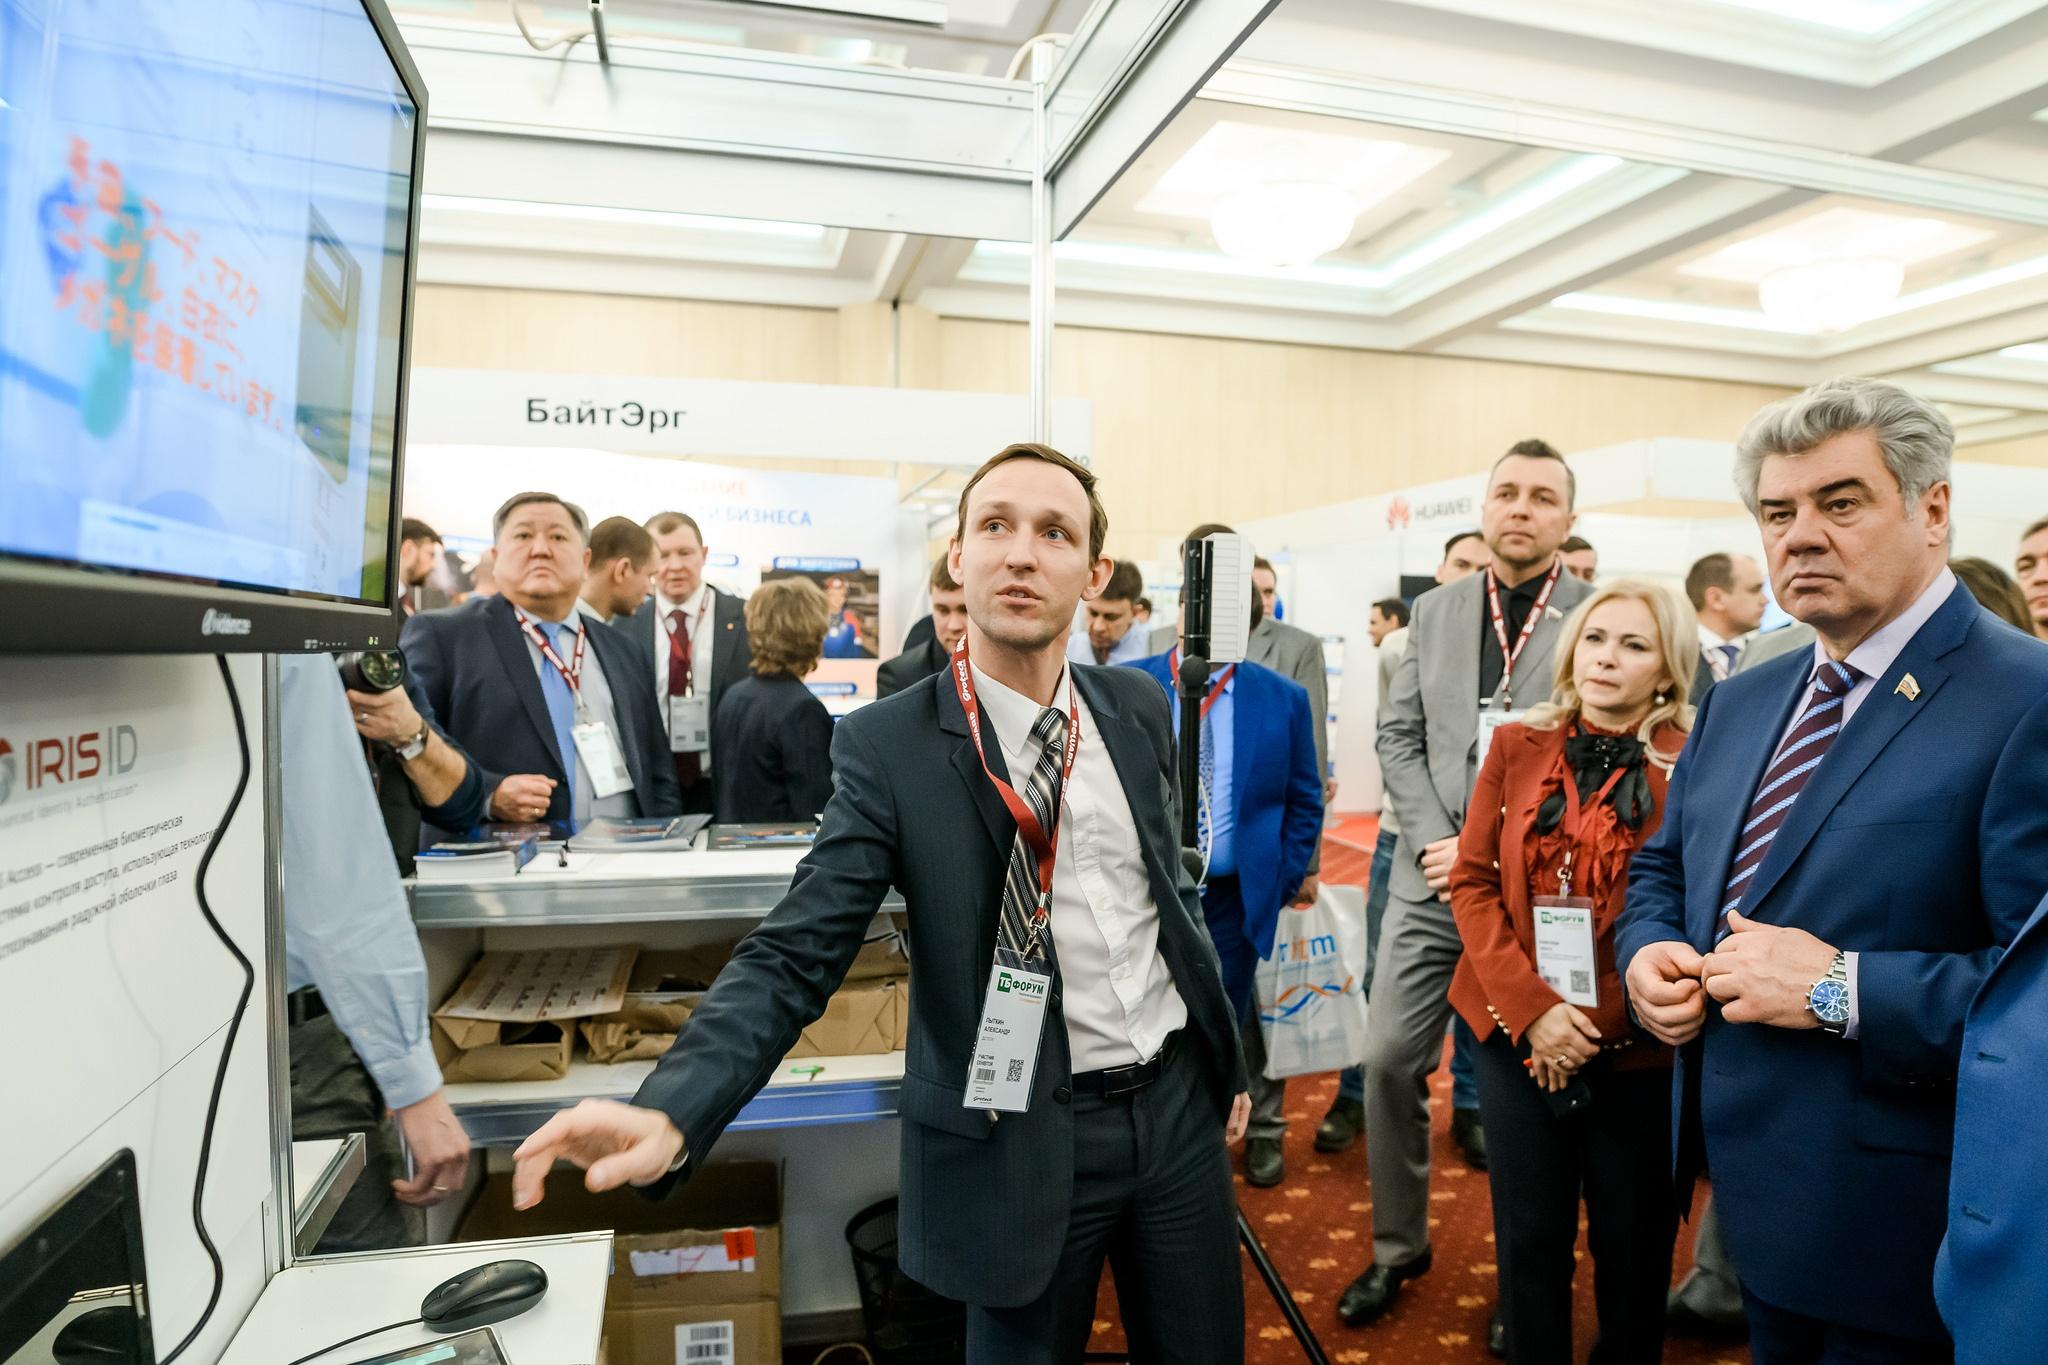 Росатом, Транснефть, ОПК, Норникель, Интер РАО, АЛРОСА, РУСАЛ готовятся к конференции и смотру решений и технологий